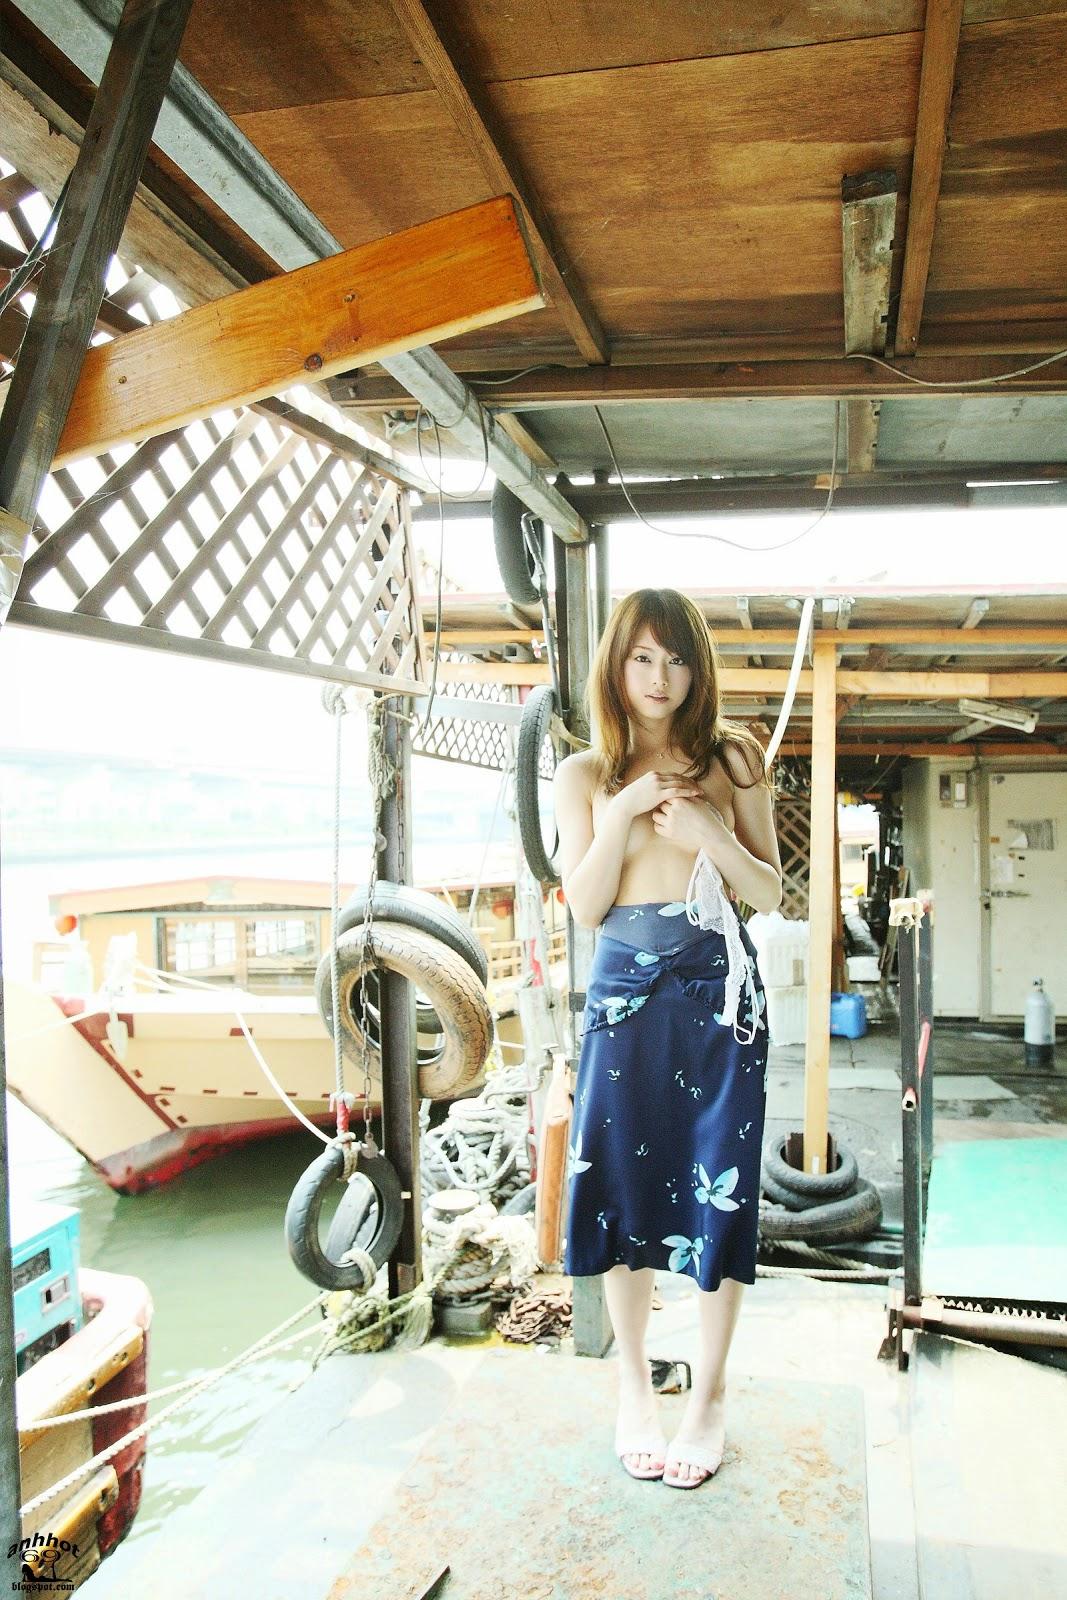 akiho-yoshizawa-00447574